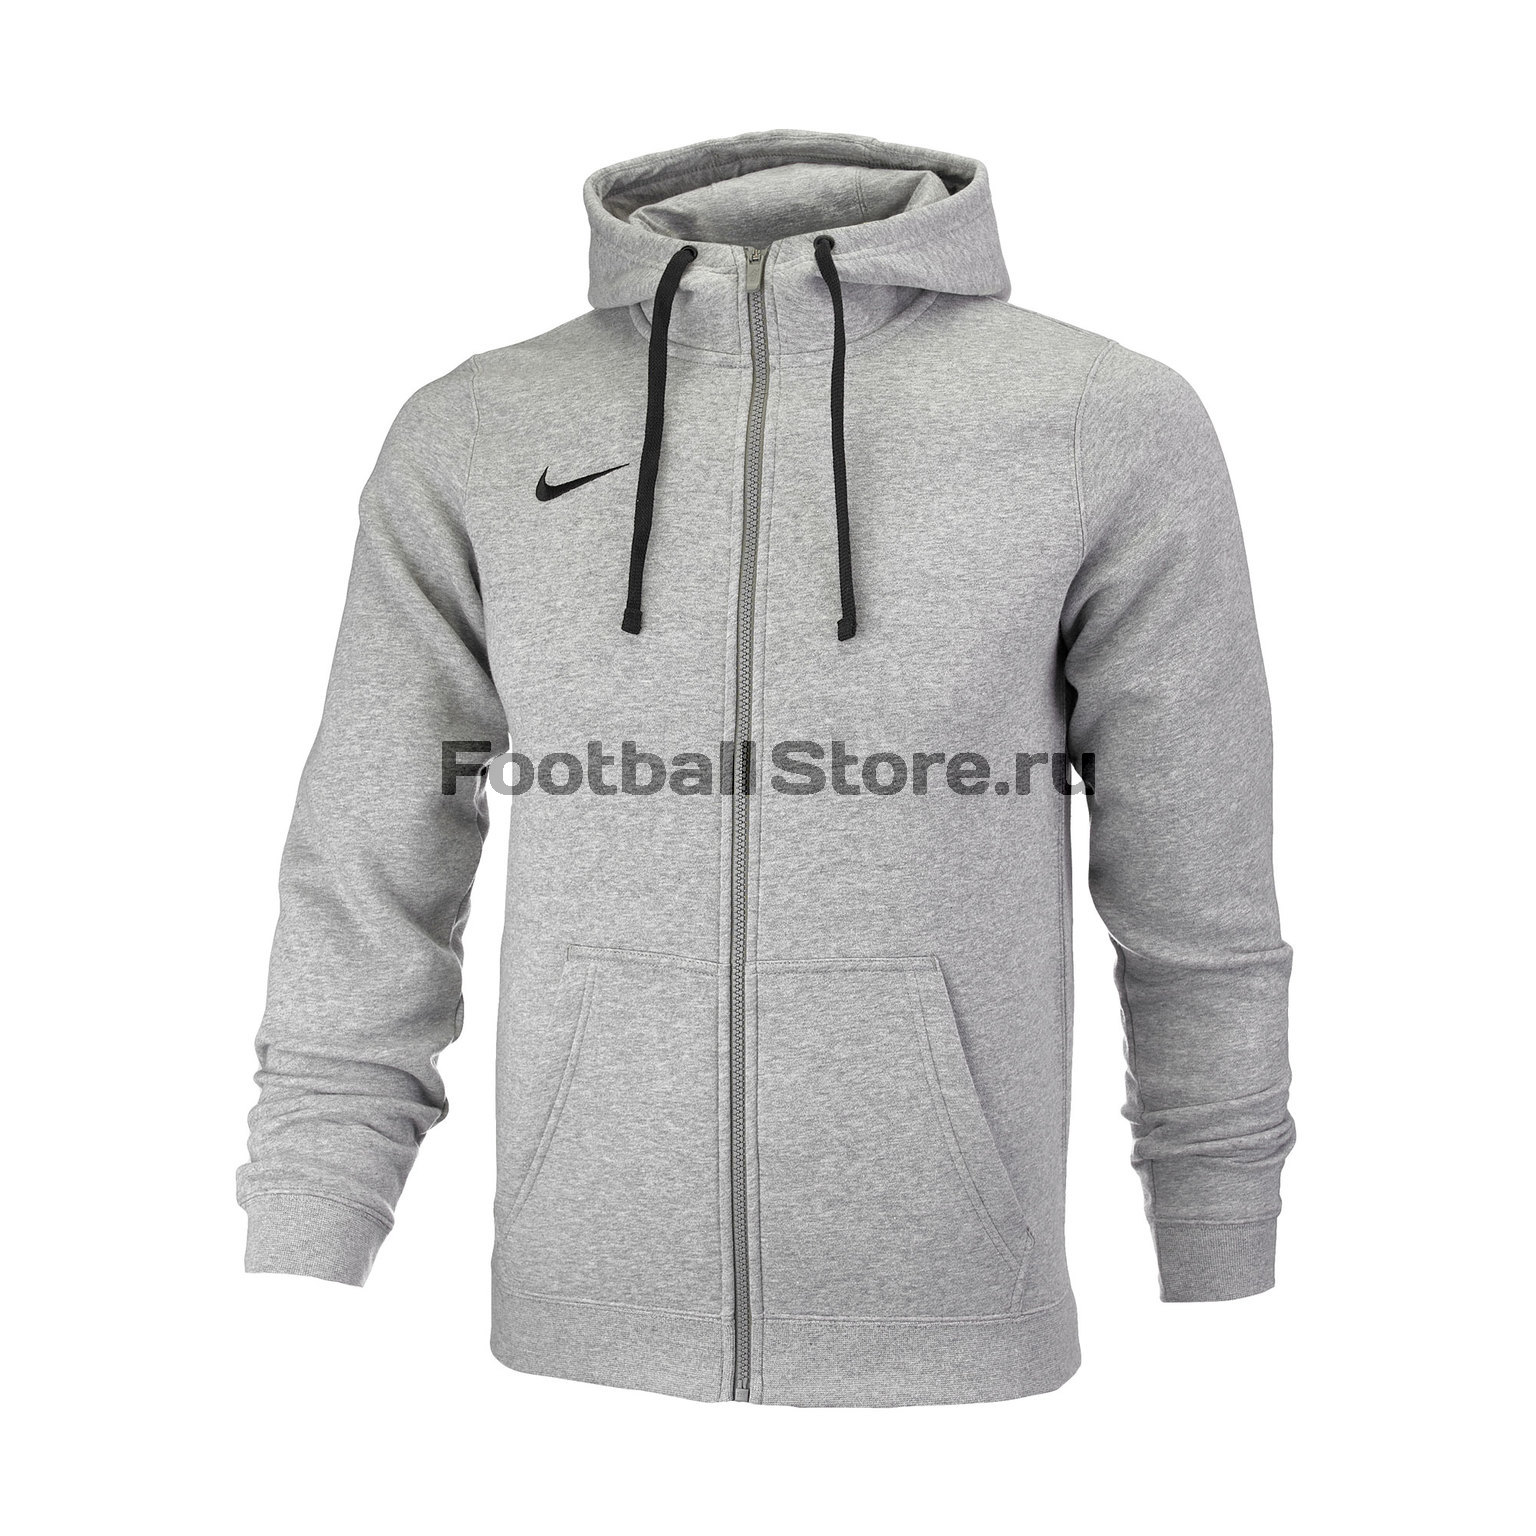 купить Толстовка Nike Hoodie FZ FLC Club19 AJ1313-063 дешево